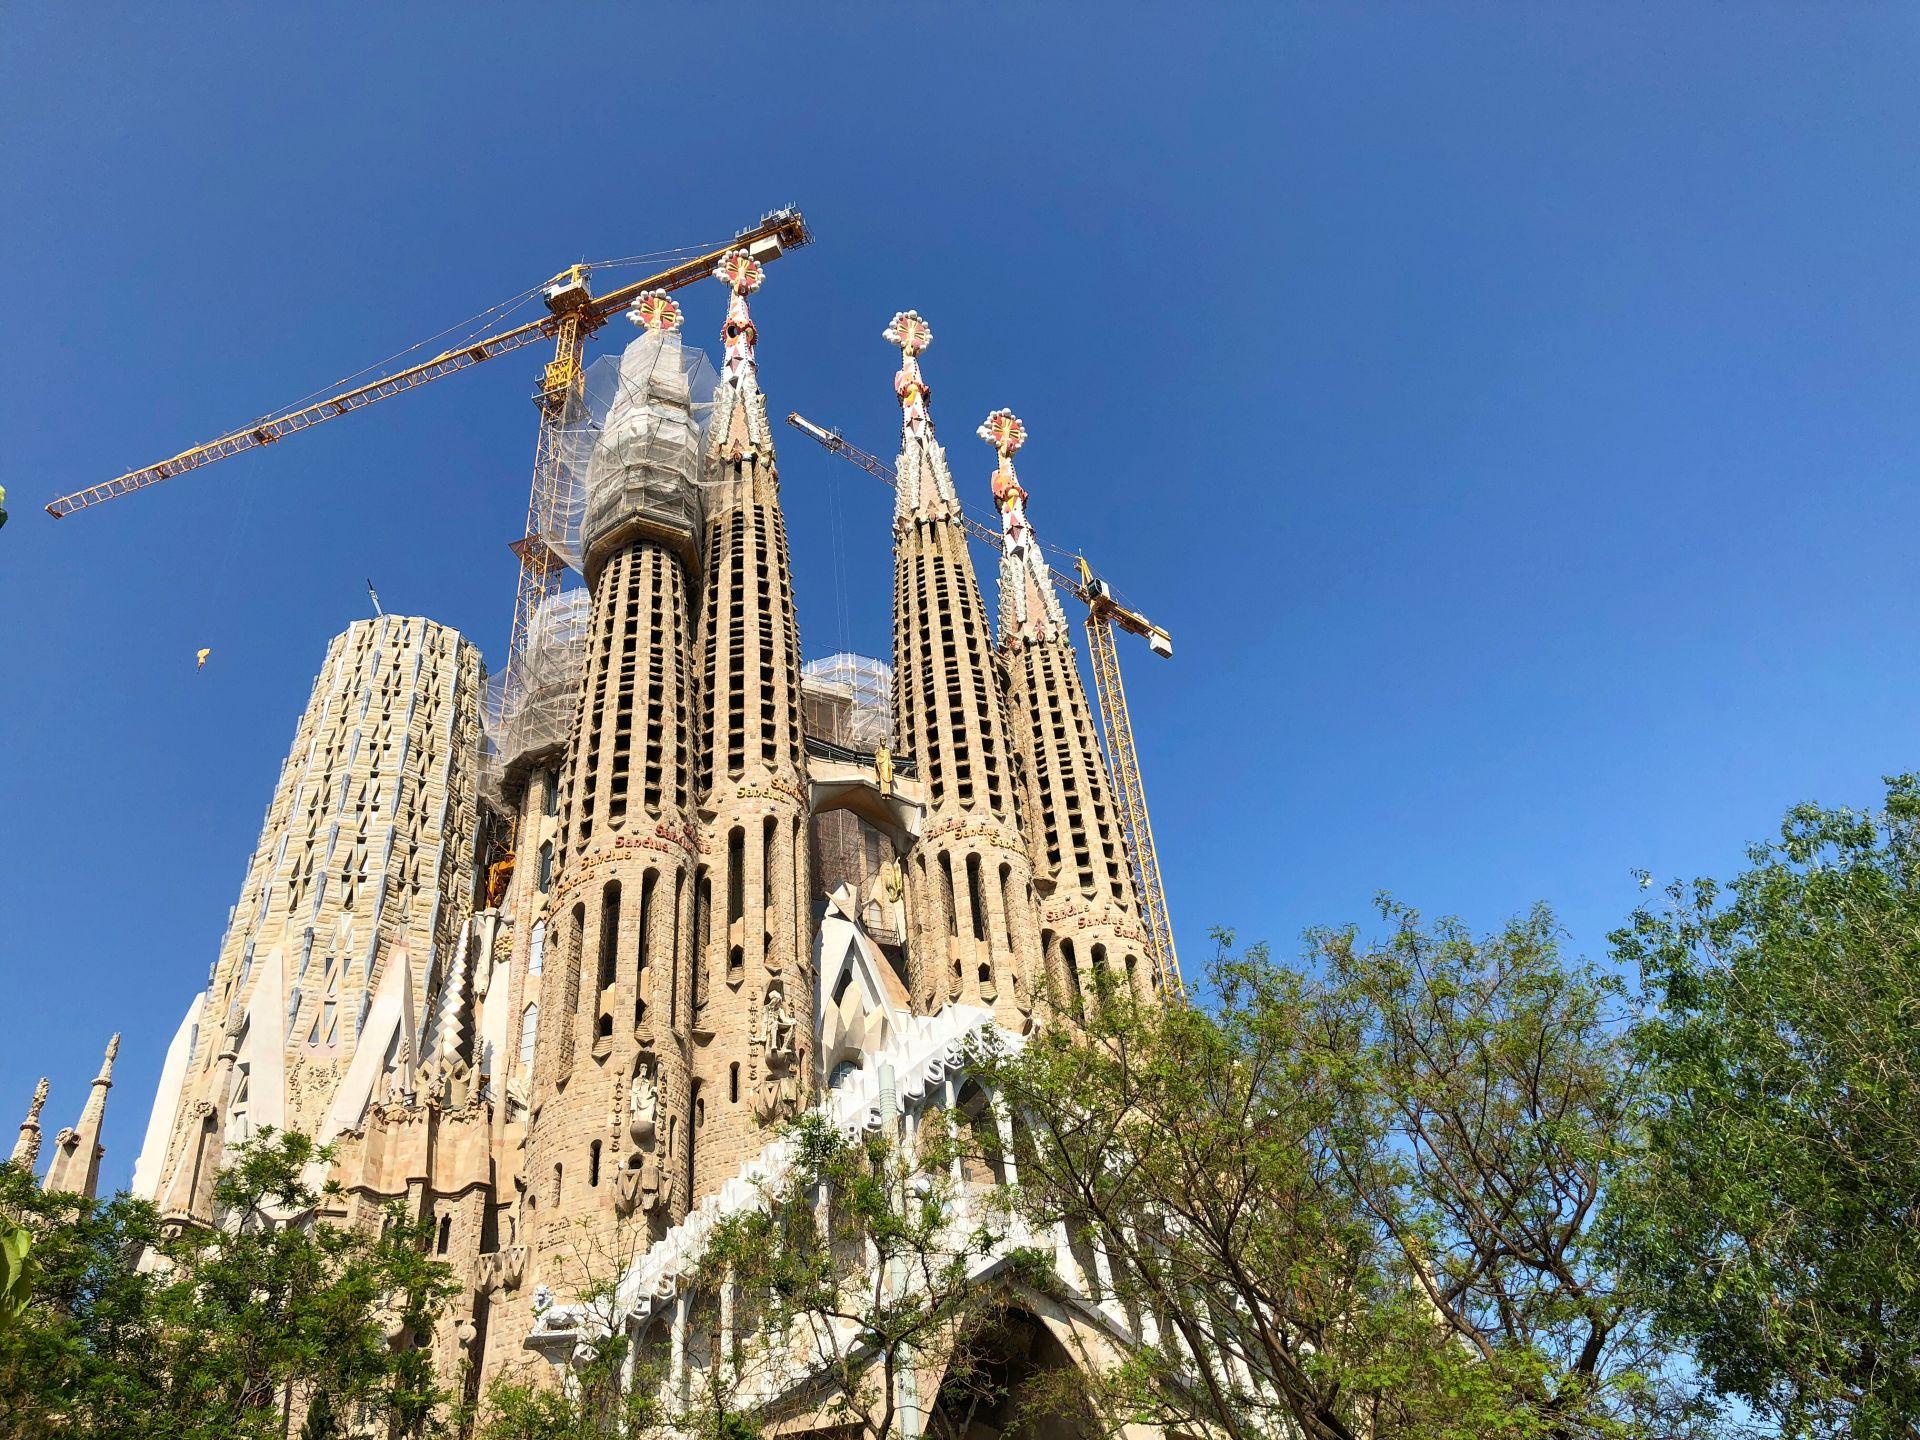 バルセロナのアントニ ガウディの作品群はオンライン予約してスムーズ